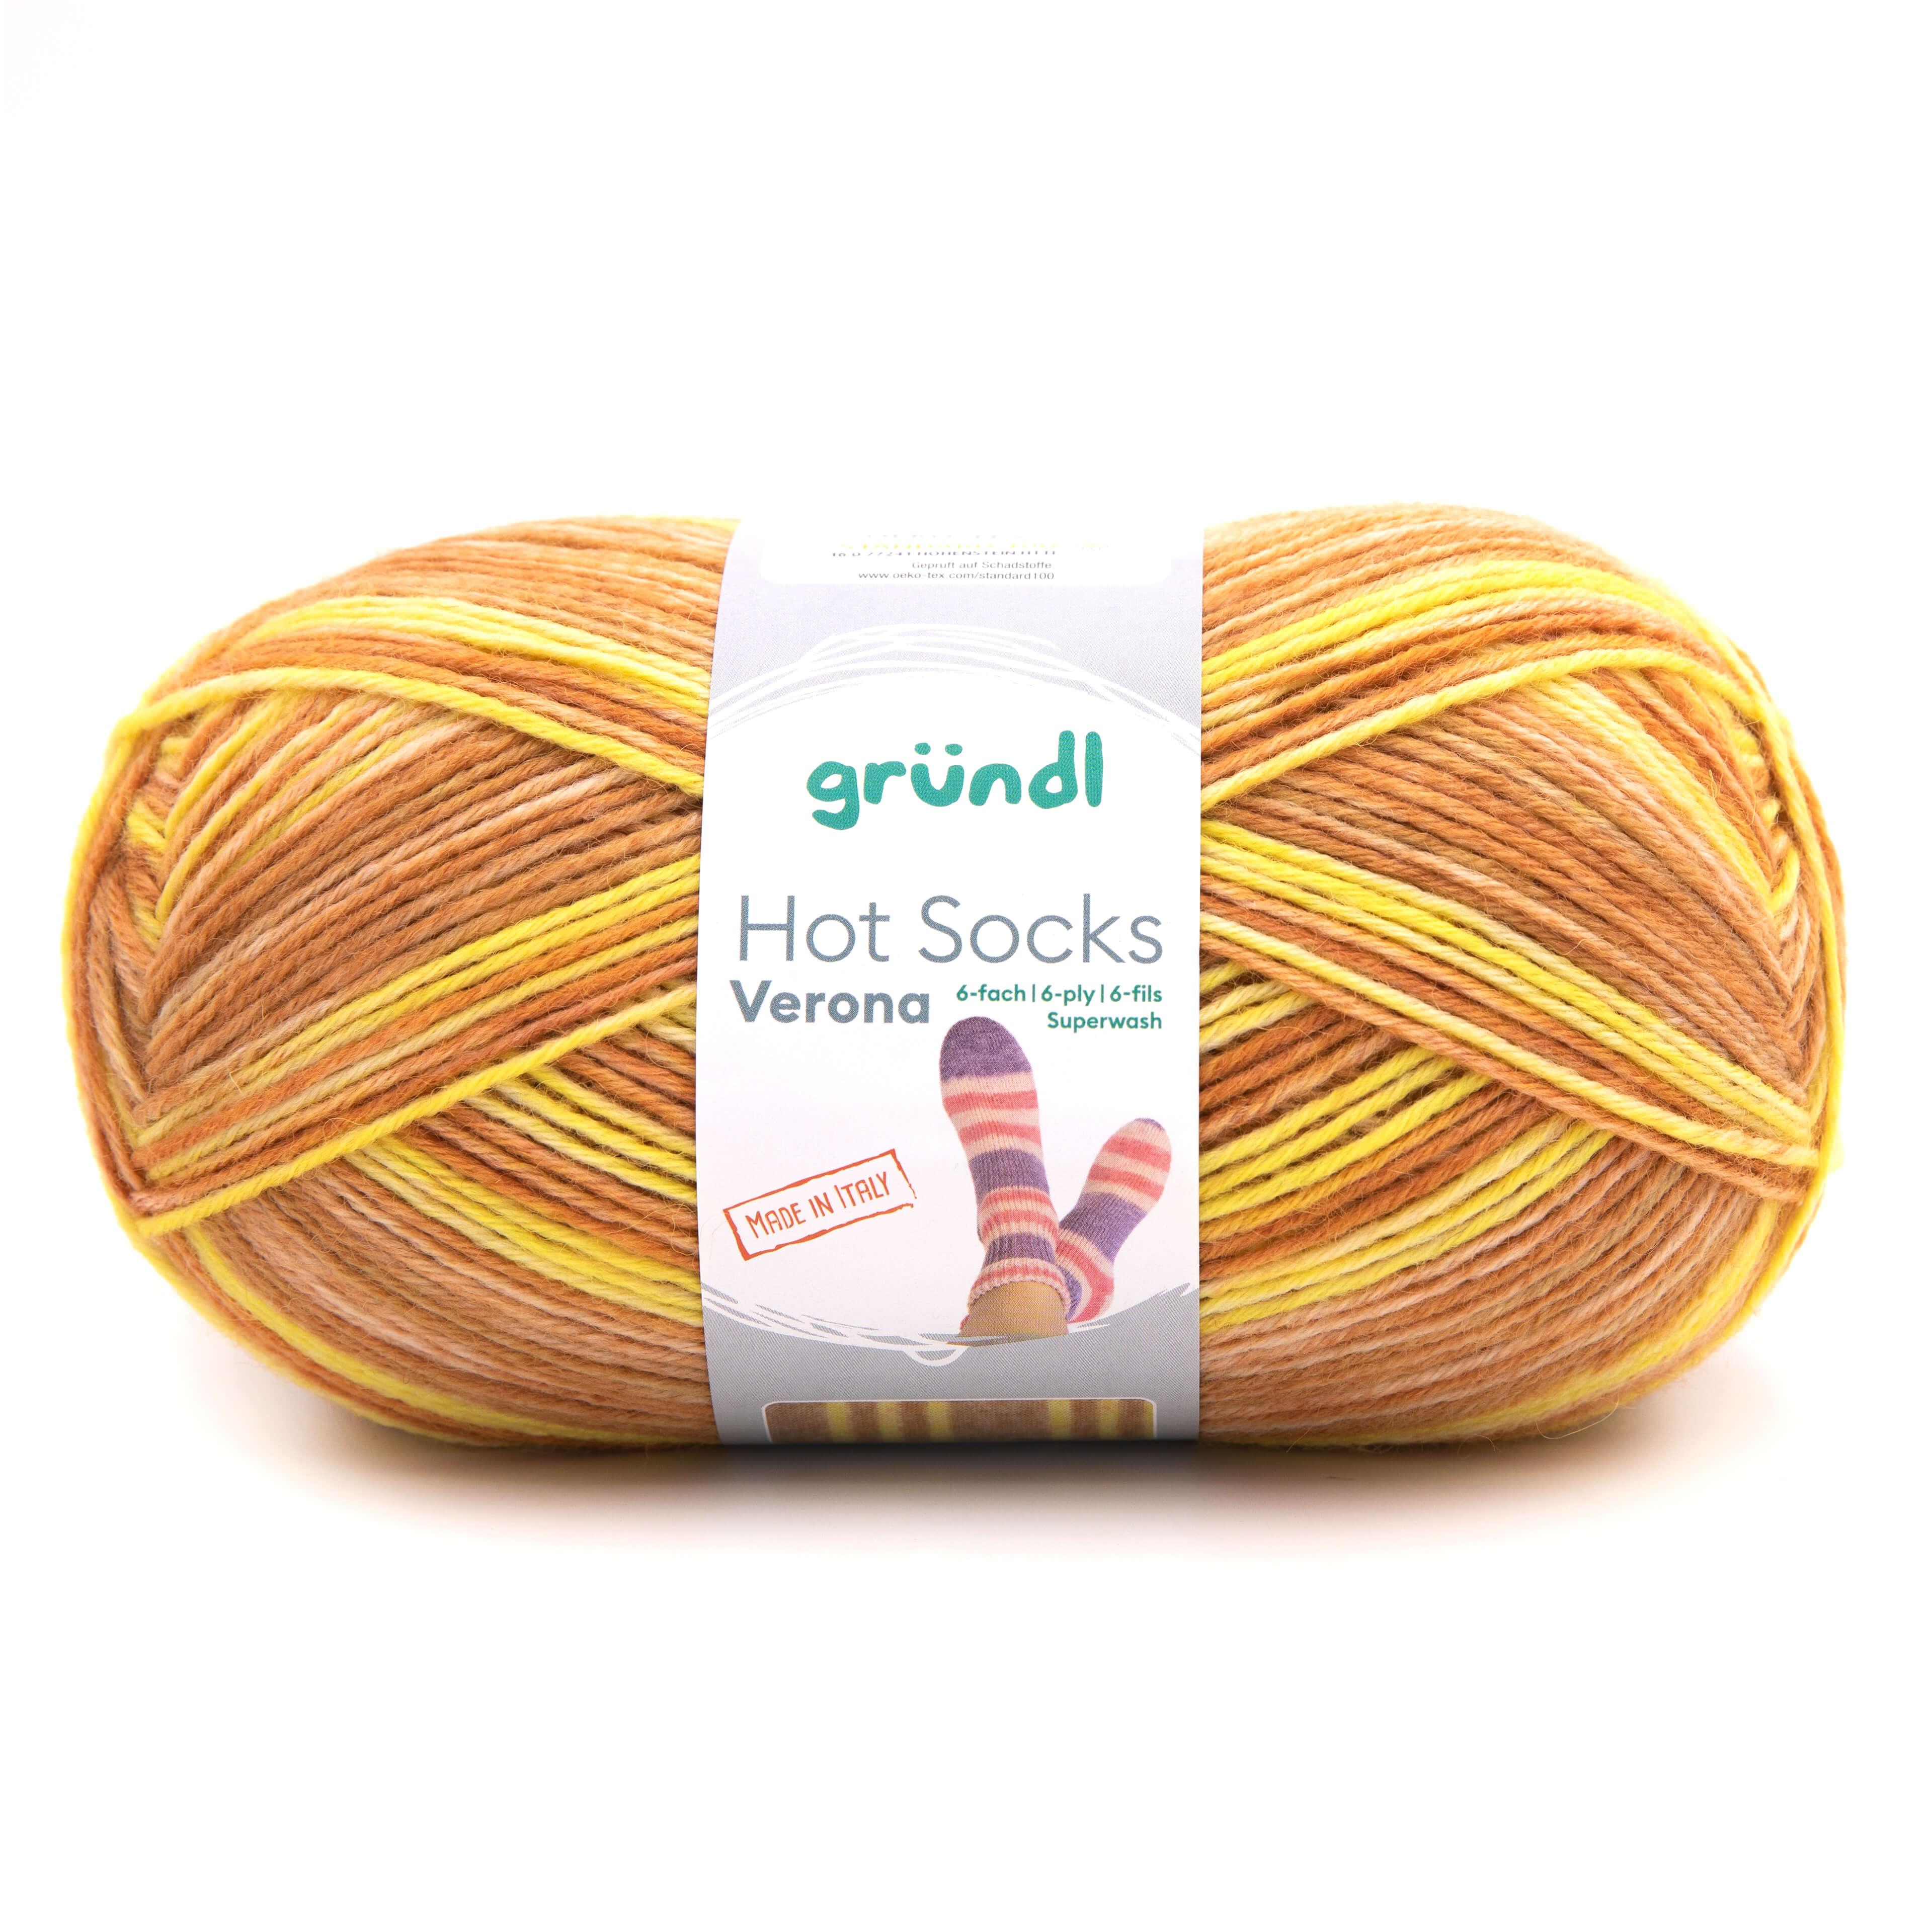 Hot Socks Verona, 6-fach